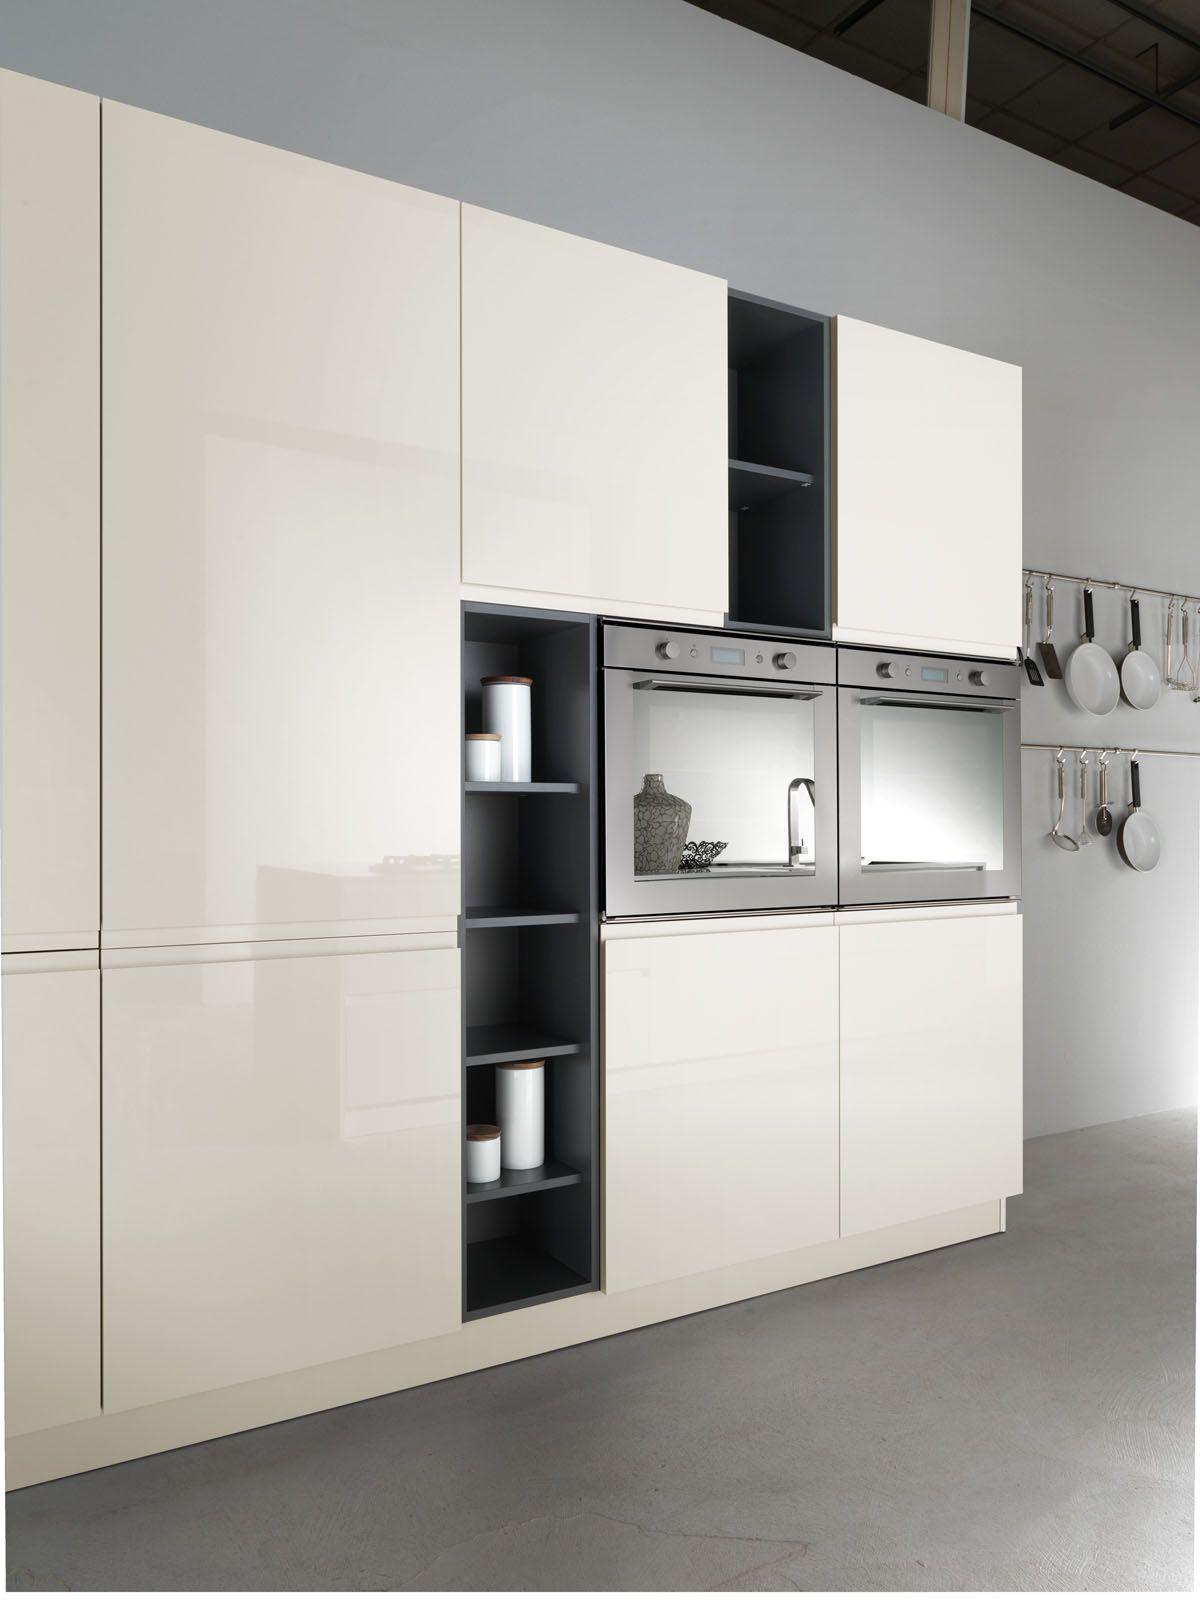 k chen k chenserie liniedie m bel aus italien. Black Bedroom Furniture Sets. Home Design Ideas